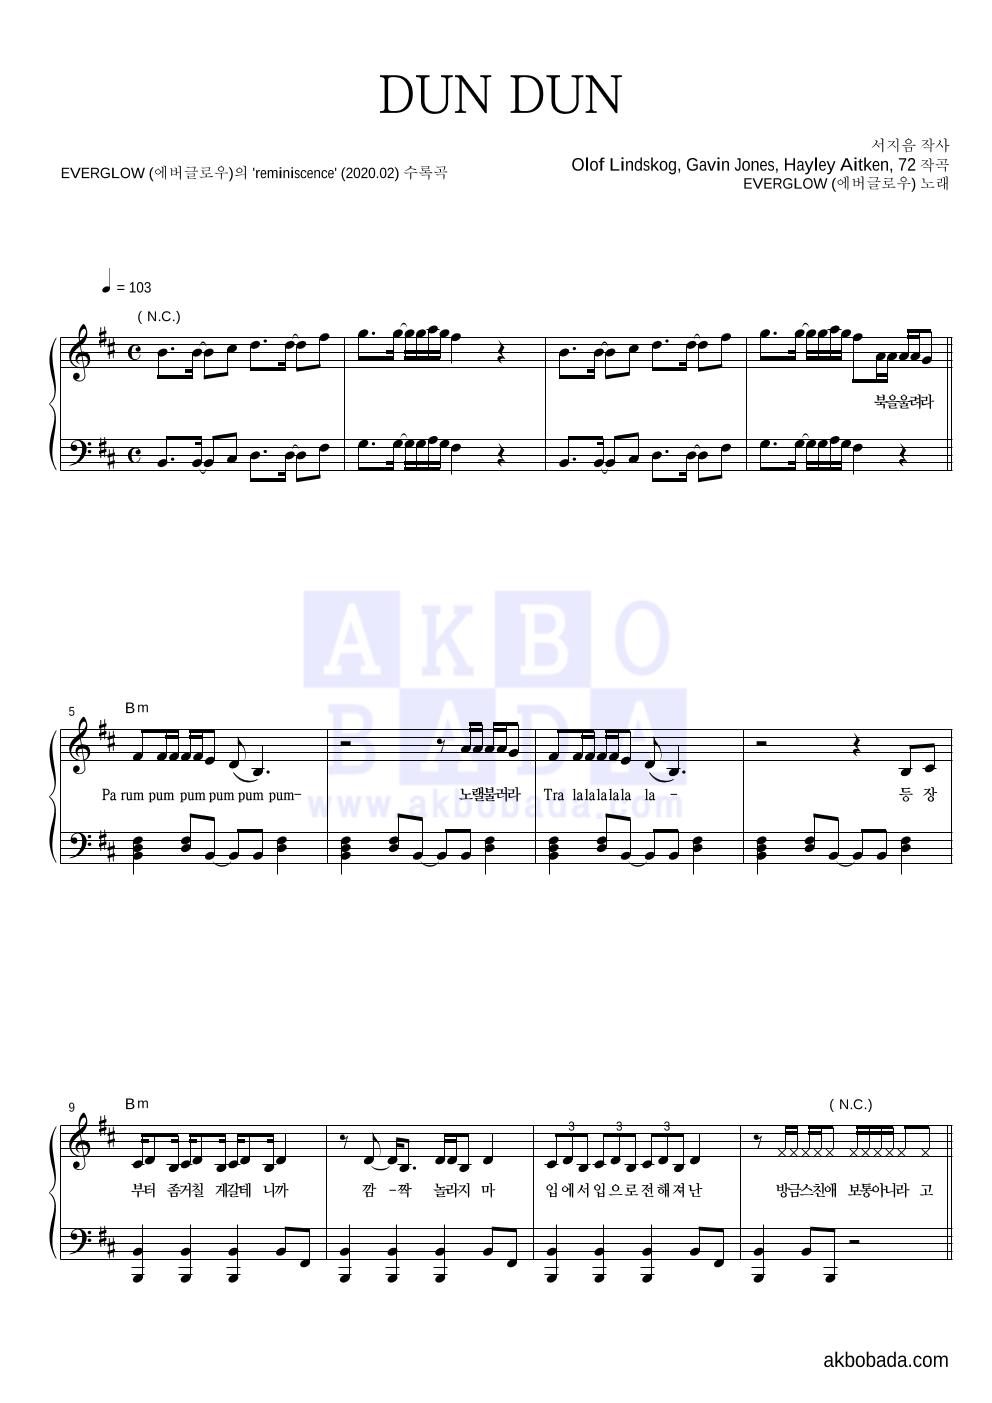 에버글로우(EVERGLOW) - DUN DUN  악보